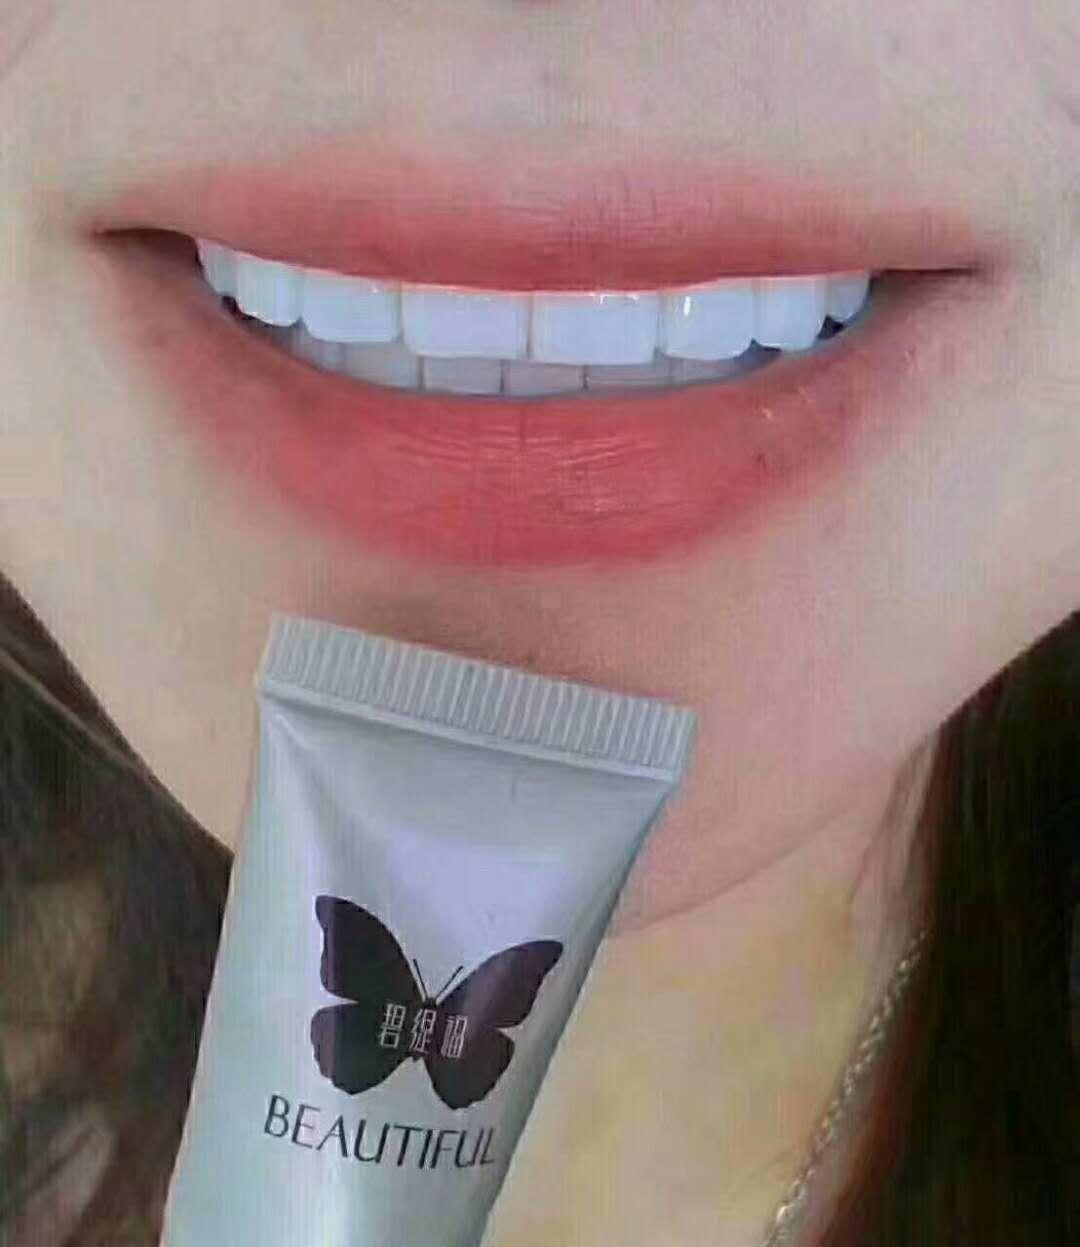 碧缇福冷光牙齿美白仪 冷光牙齿美白原理  冷光牙齿美白凝胶